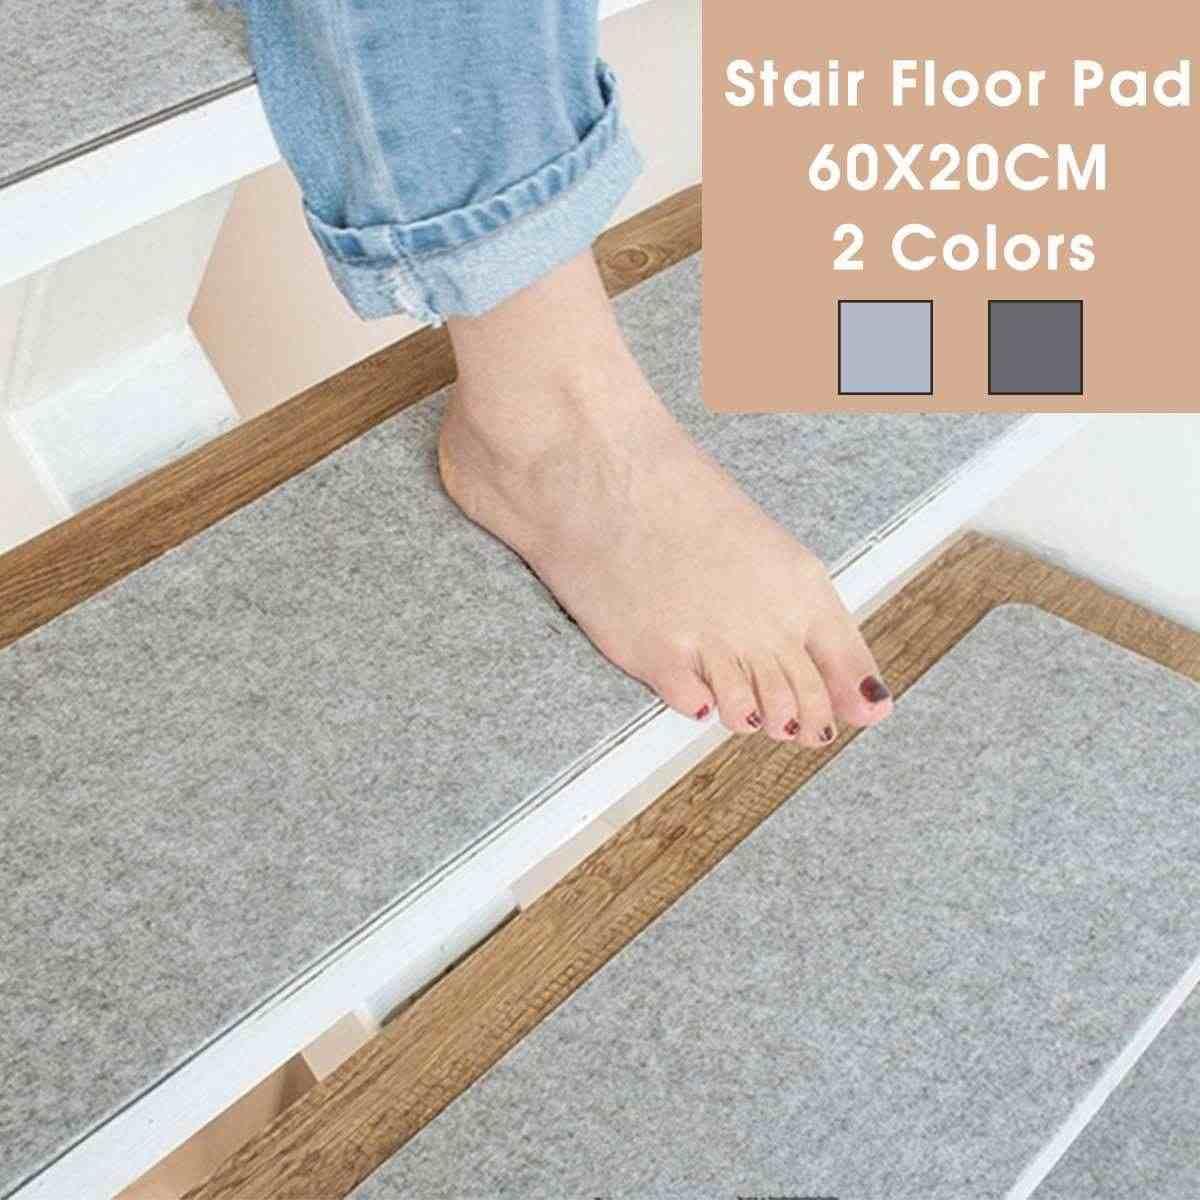 Full Size of 60x20cm Nicht Slip Treppen Teppich Matte Reusable Waschbar Diy Wohnzimmer Schlafzimmer Für Küche Teppiche Steinteppich Bad Esstisch Wohnzimmer Teppich Waschbar